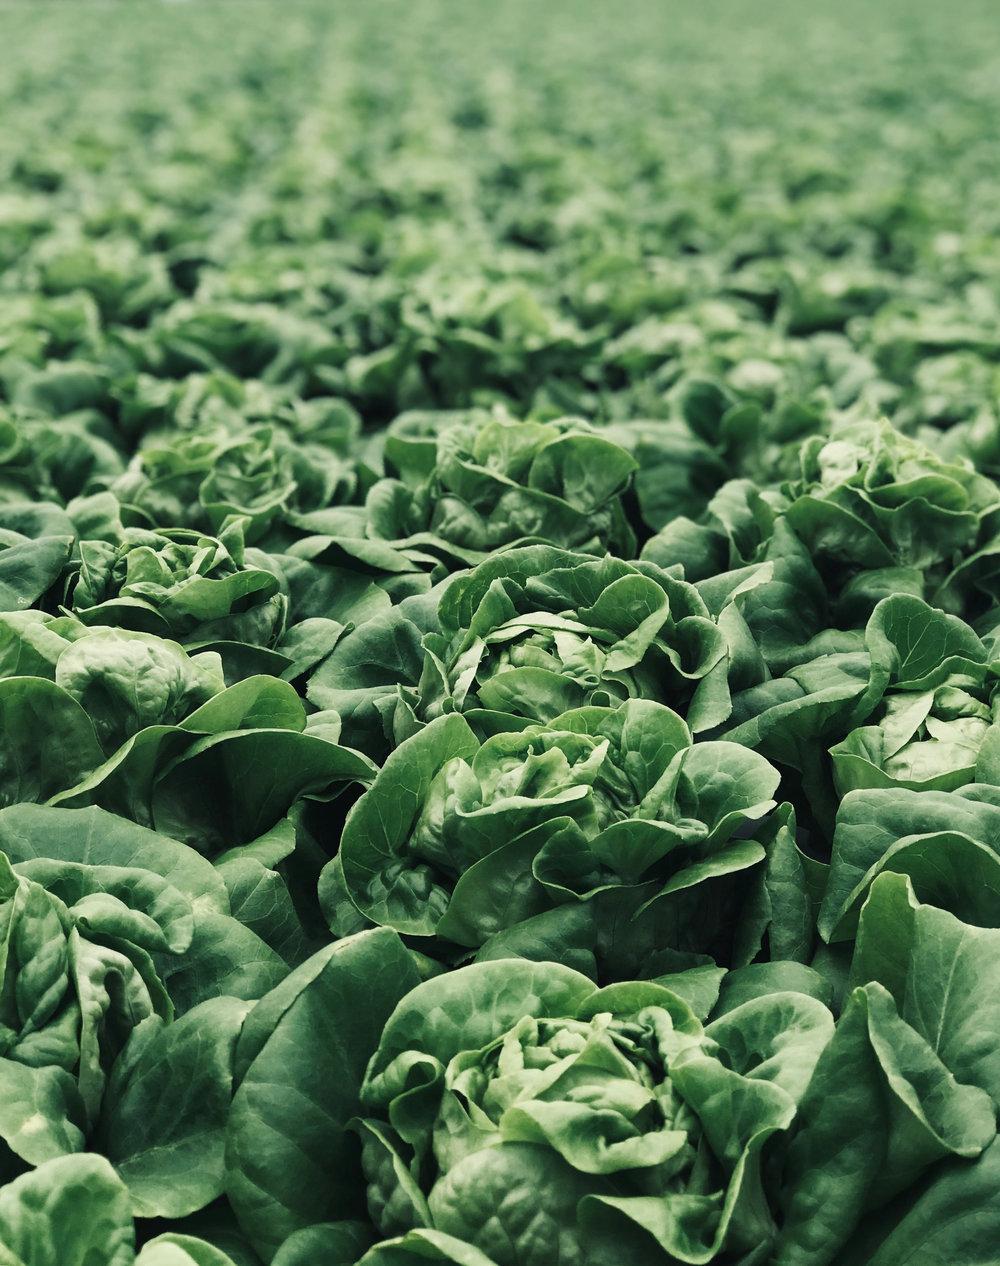 Frisk mat upplyser om och inspirerar kring hur viktigt det är med hälsosam och näringsrik mat i offentlig sektor. - LÄS MER